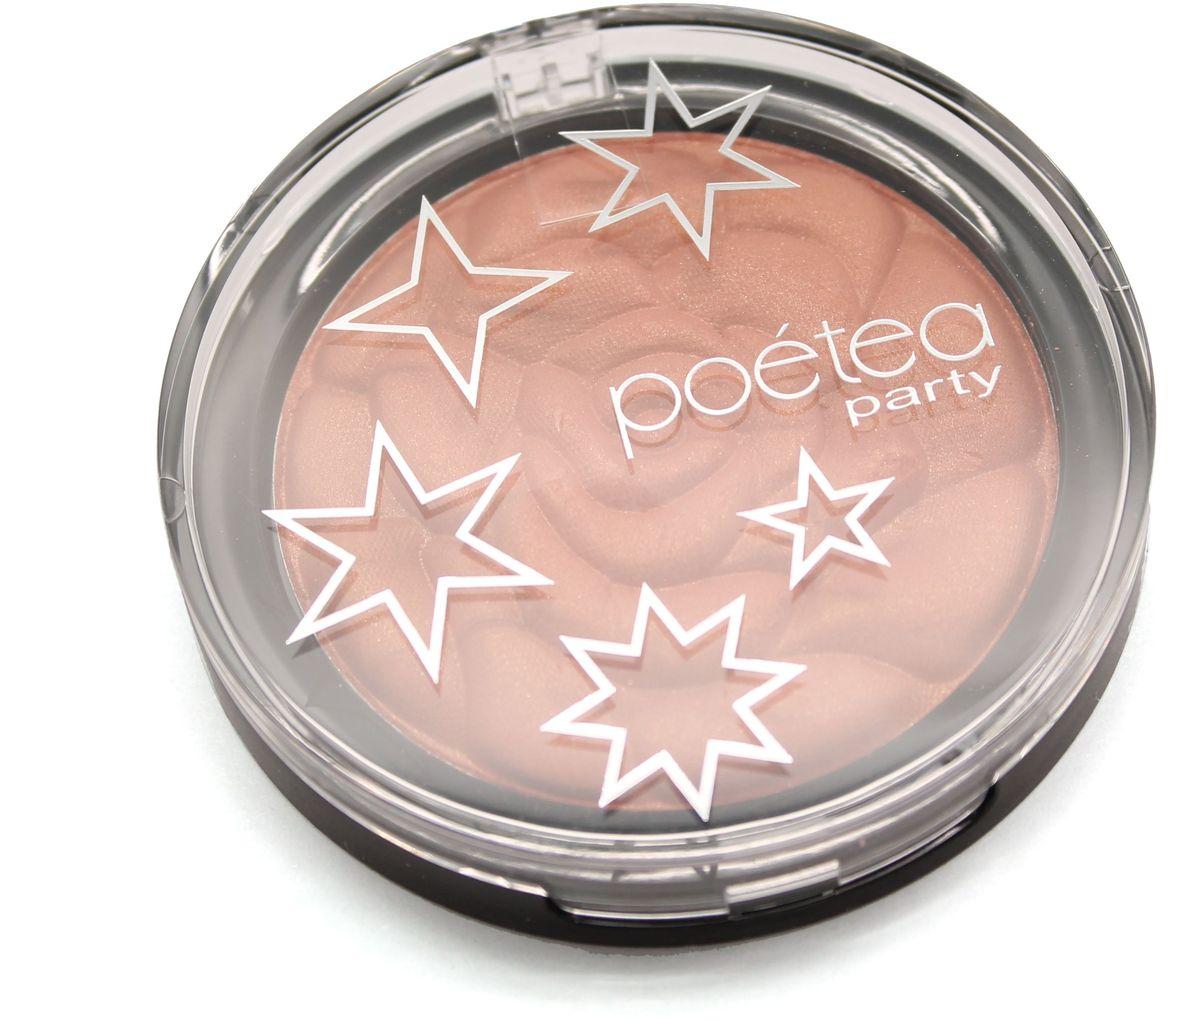 POETEQ Румяна ROSE TAITI, тон 53, 19 г7953Румяна выполнены в виде прекрасного розового цветка. Их натуральные оттенки свежи и естественны, а тестура нежна, как легкие лепестки. Благодаря скользящим полимерам они идеально распределяются на коже, наполняя еесветом и яркостью. В состав румян входят ухаживающие компоненты: масло ореха микадамия, масло розы, высоко очищенный ланолин.